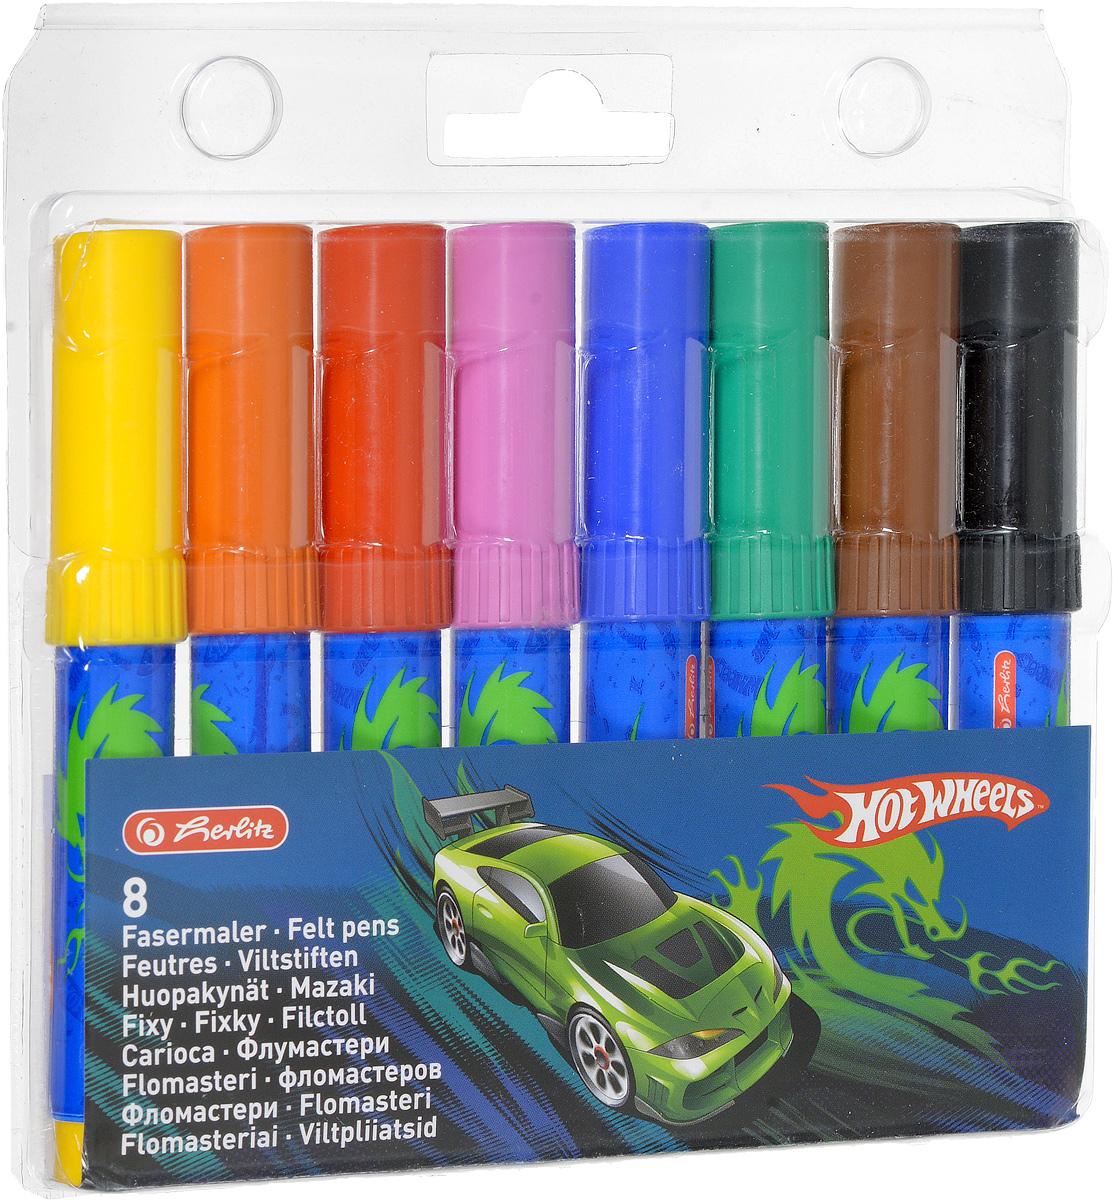 Herlitz Набор фломастеров Hot Wheels 8 цветов10795664Набор фломастеров Herlitz  Hot Wheels- это 8 фломастеров ярких насыщенных цветов. Фломастеры оснащены вентилируемым колпачком, а корпус изготовлен из прочного пластика. Фломастеры устойчивы к вдавливанию и имеют цилиндрический пишущий узел. Когда ваш юный художник будет рисовать, то можете не беспокоиться, чернила этих фломастеров совершенно безопасны для здоровья вашего малыша. Набор фломастеров от Herlitz обязательно порадует не только вашего малыша, но и вас. Рекомендуемый возраст от трех лет.